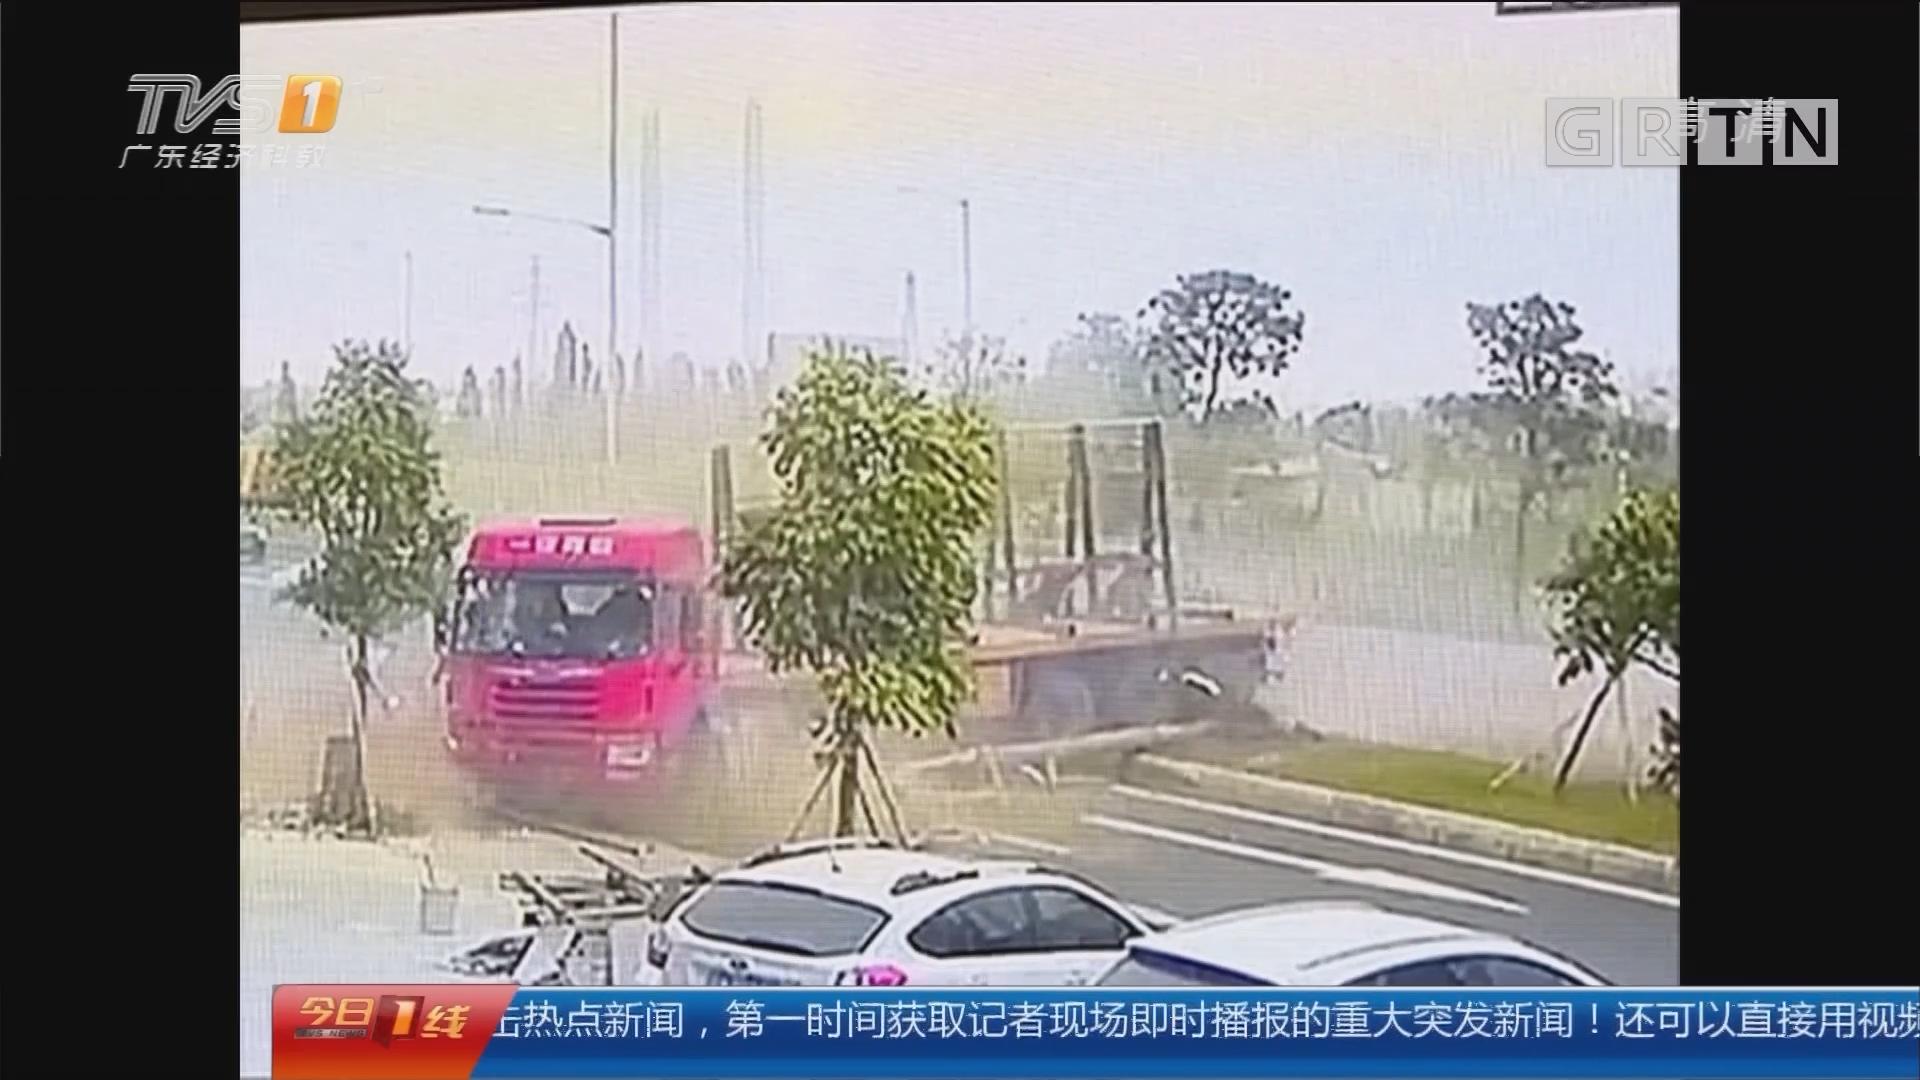 佛山顺德:泥头车失控撞环卫车 众人抬车救五人